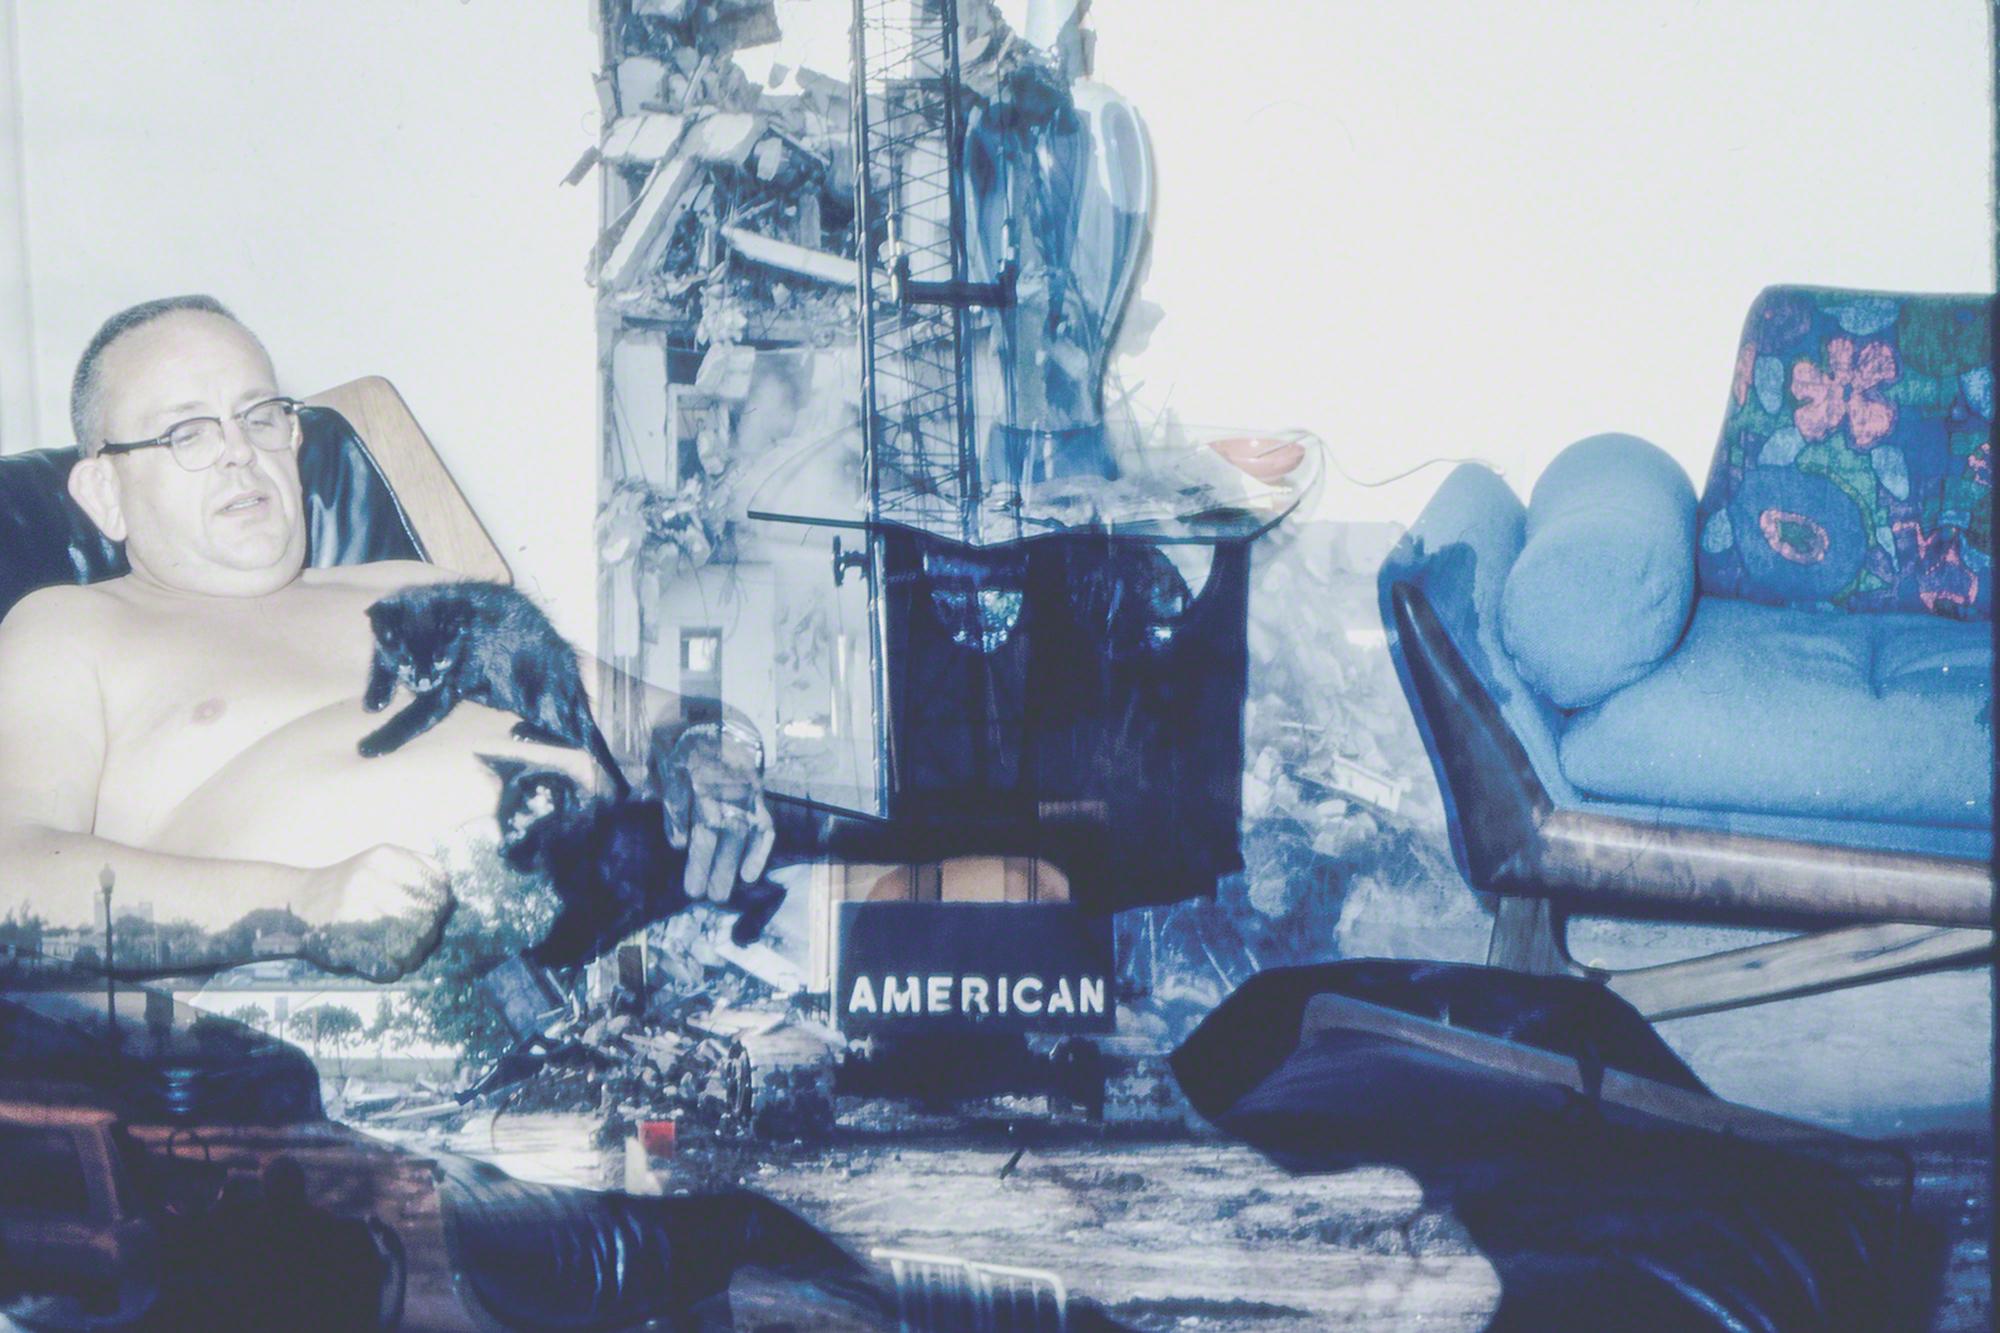 american-HEYDT.jpg